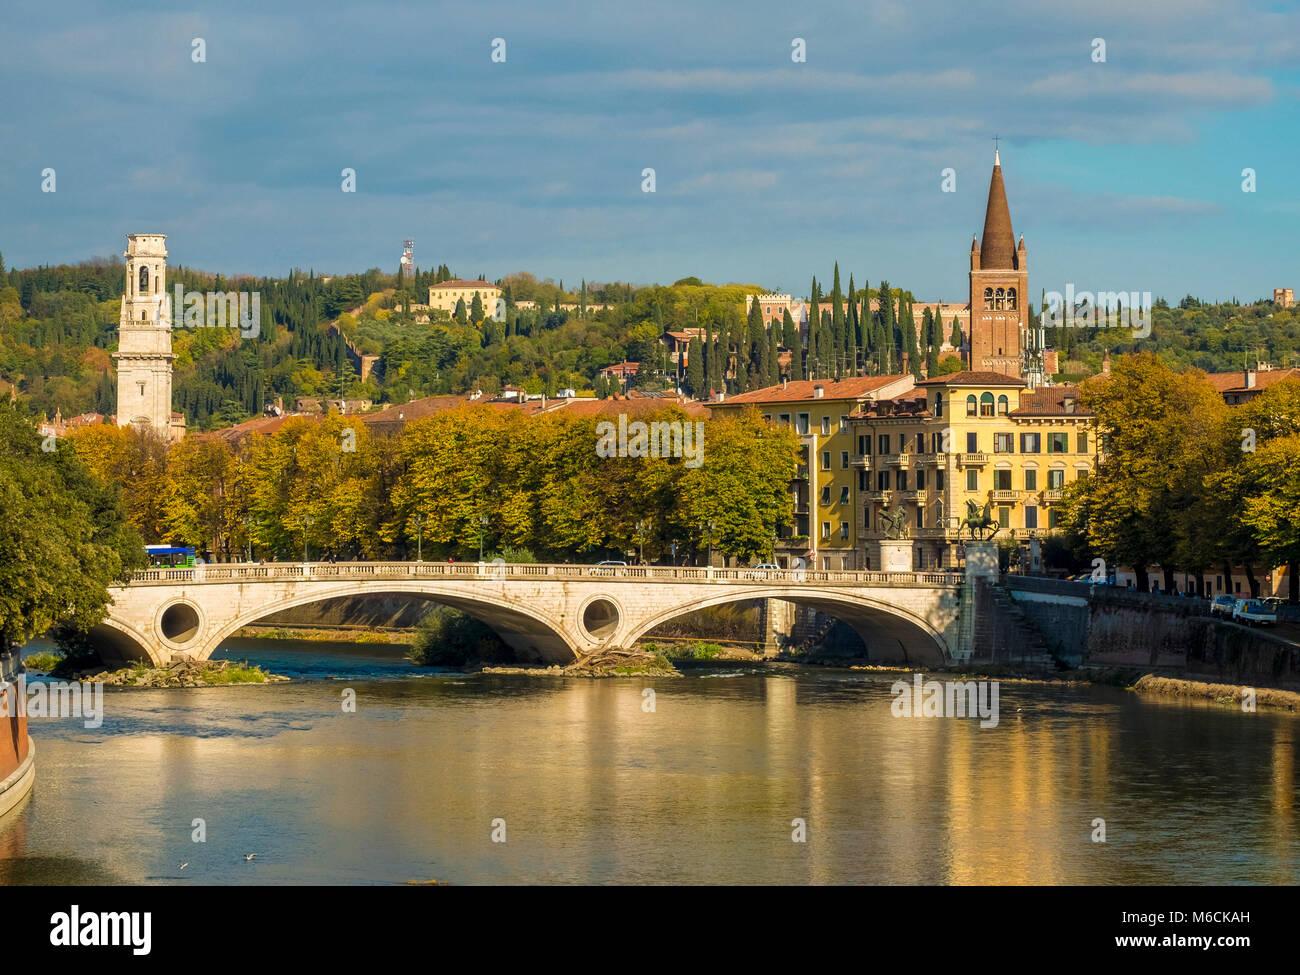 Adige River and Ponte della Vittoria bridge in Verona, Italy - Stock Image